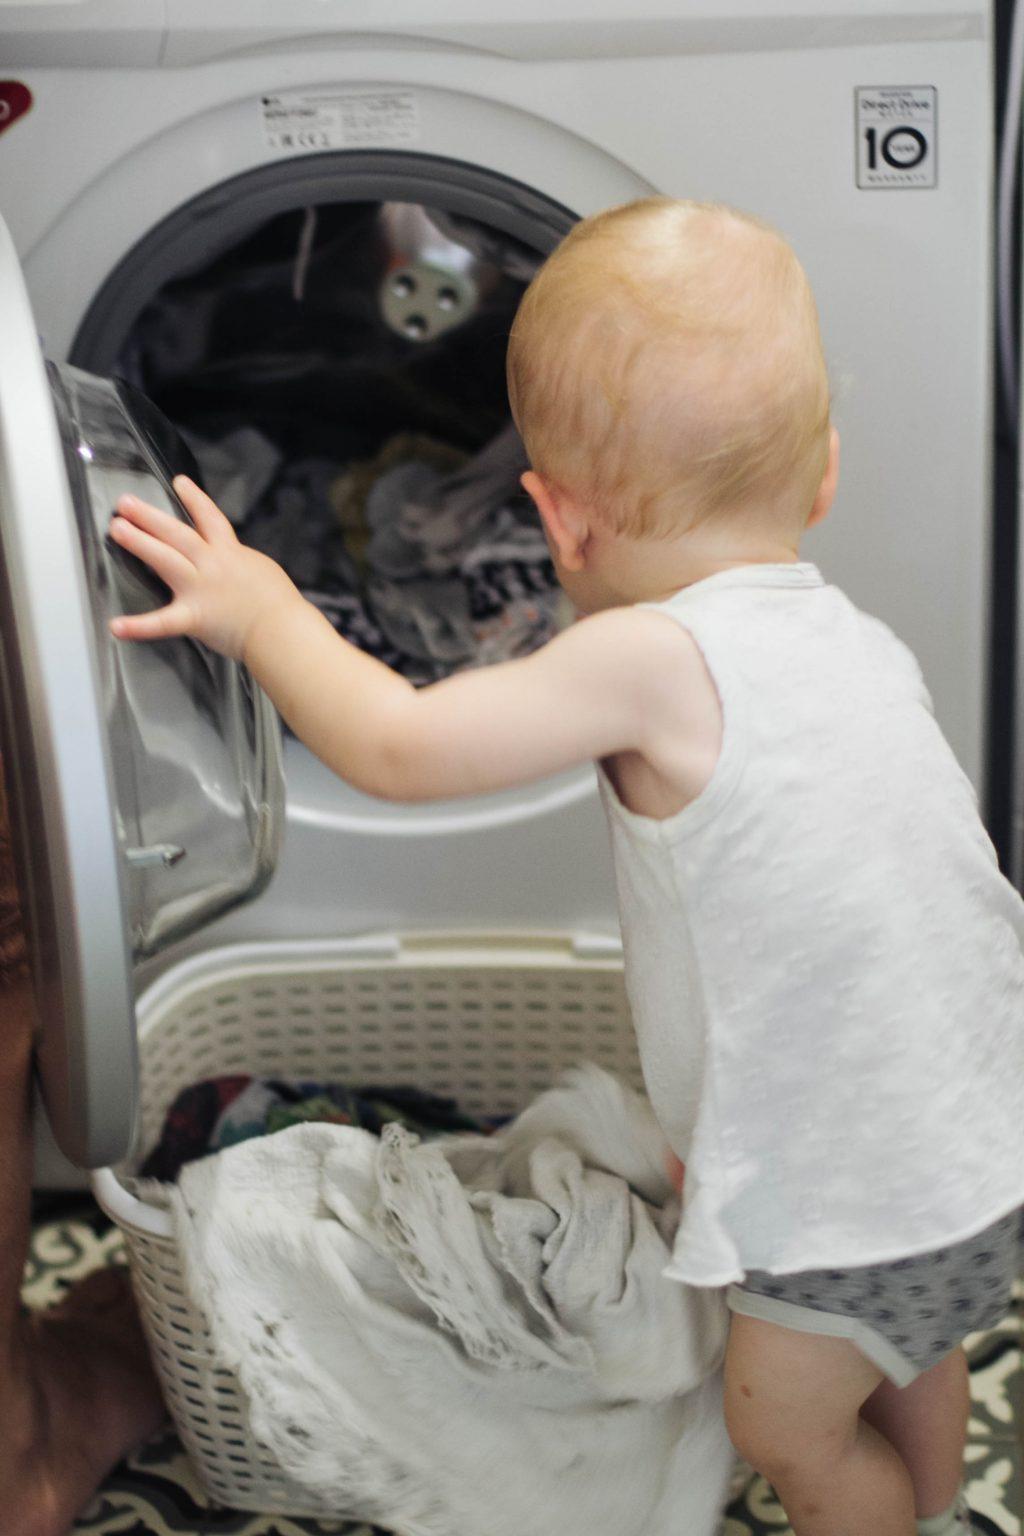 Выгружает стиральную машинку